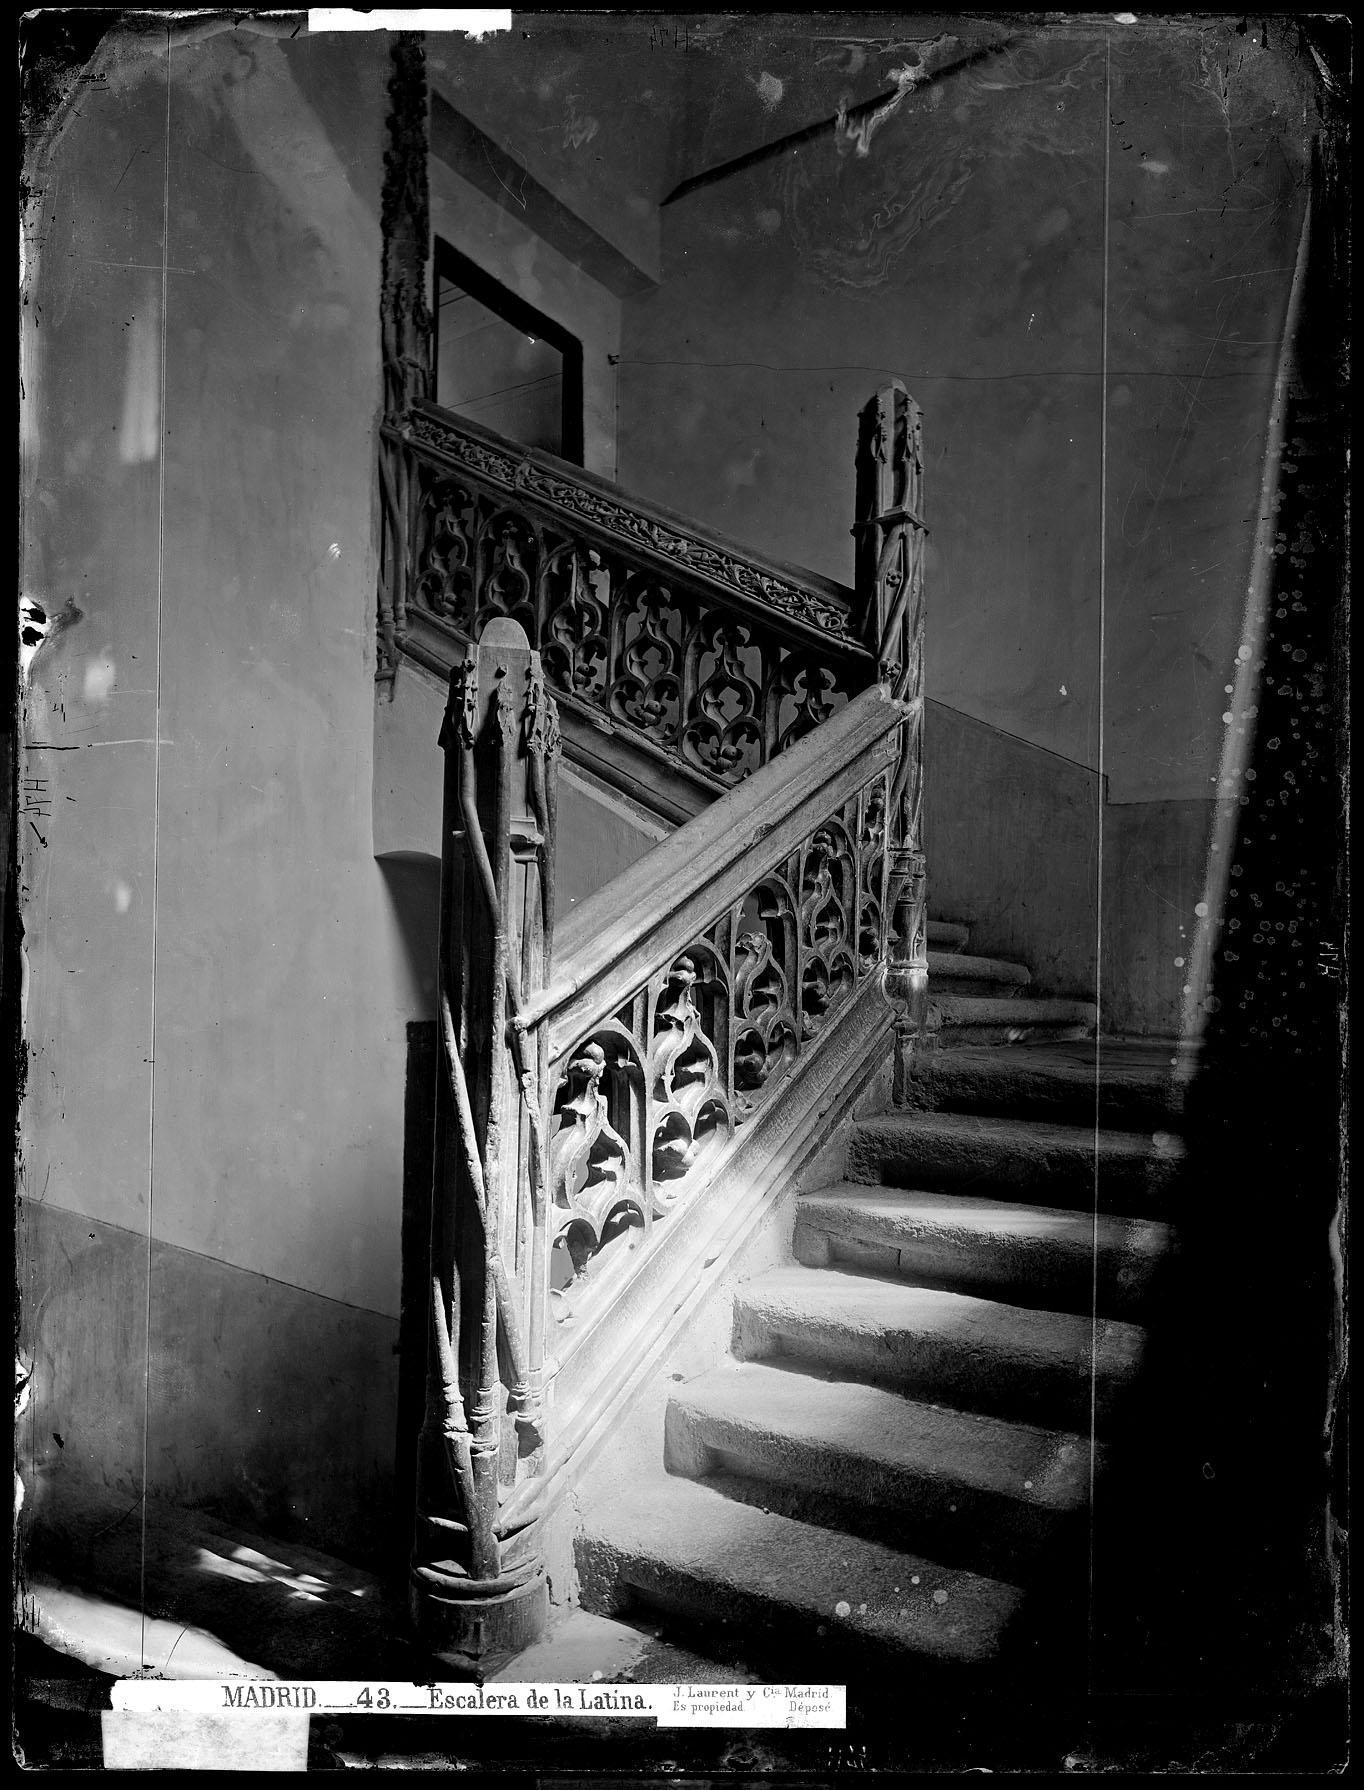 Escalera del Hospital de La Latina S.XIX J. Laurent